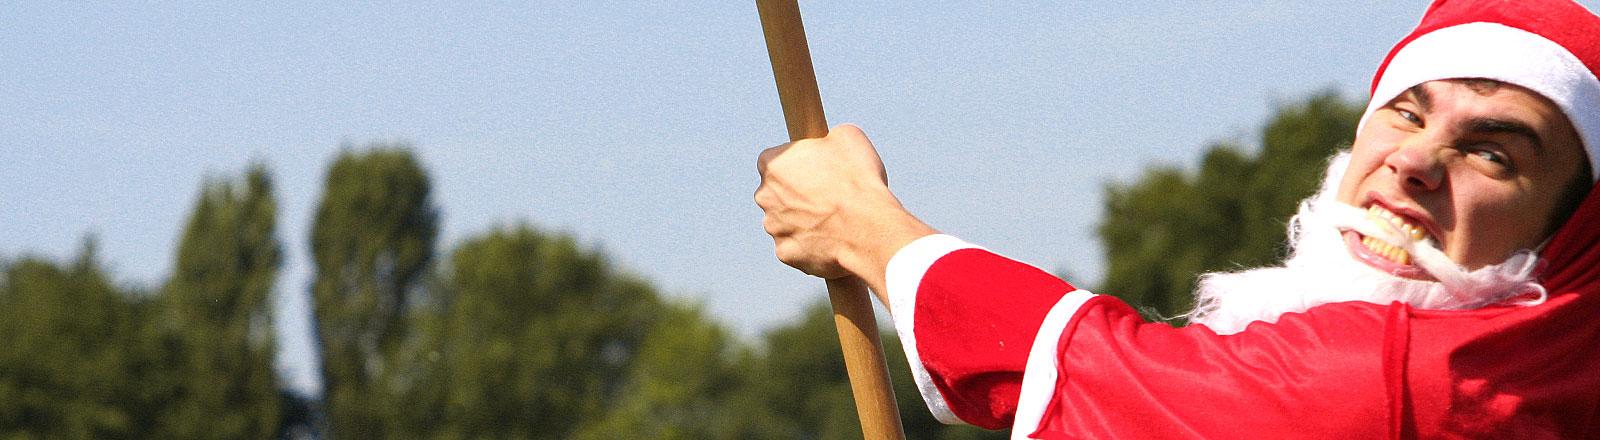 Mann mit angehängtem Weihnachtsmann-Bart und Nikolausmütze mit Sense in der Hand zieht Grimasse und gestikuliert